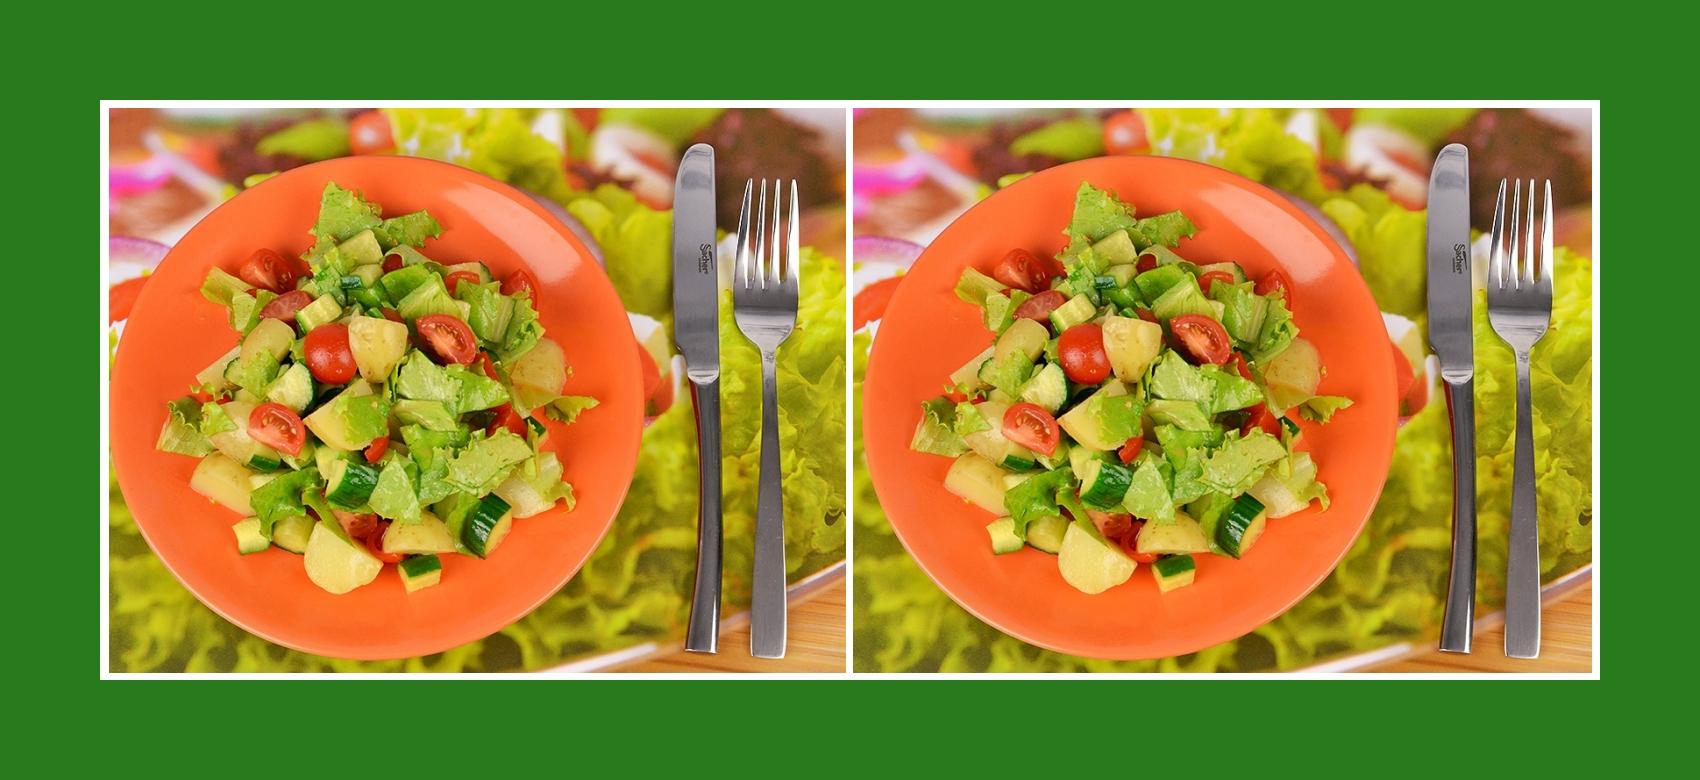 Gesunder Salat mit Frühkartoffeln und knusprigem Gemüse